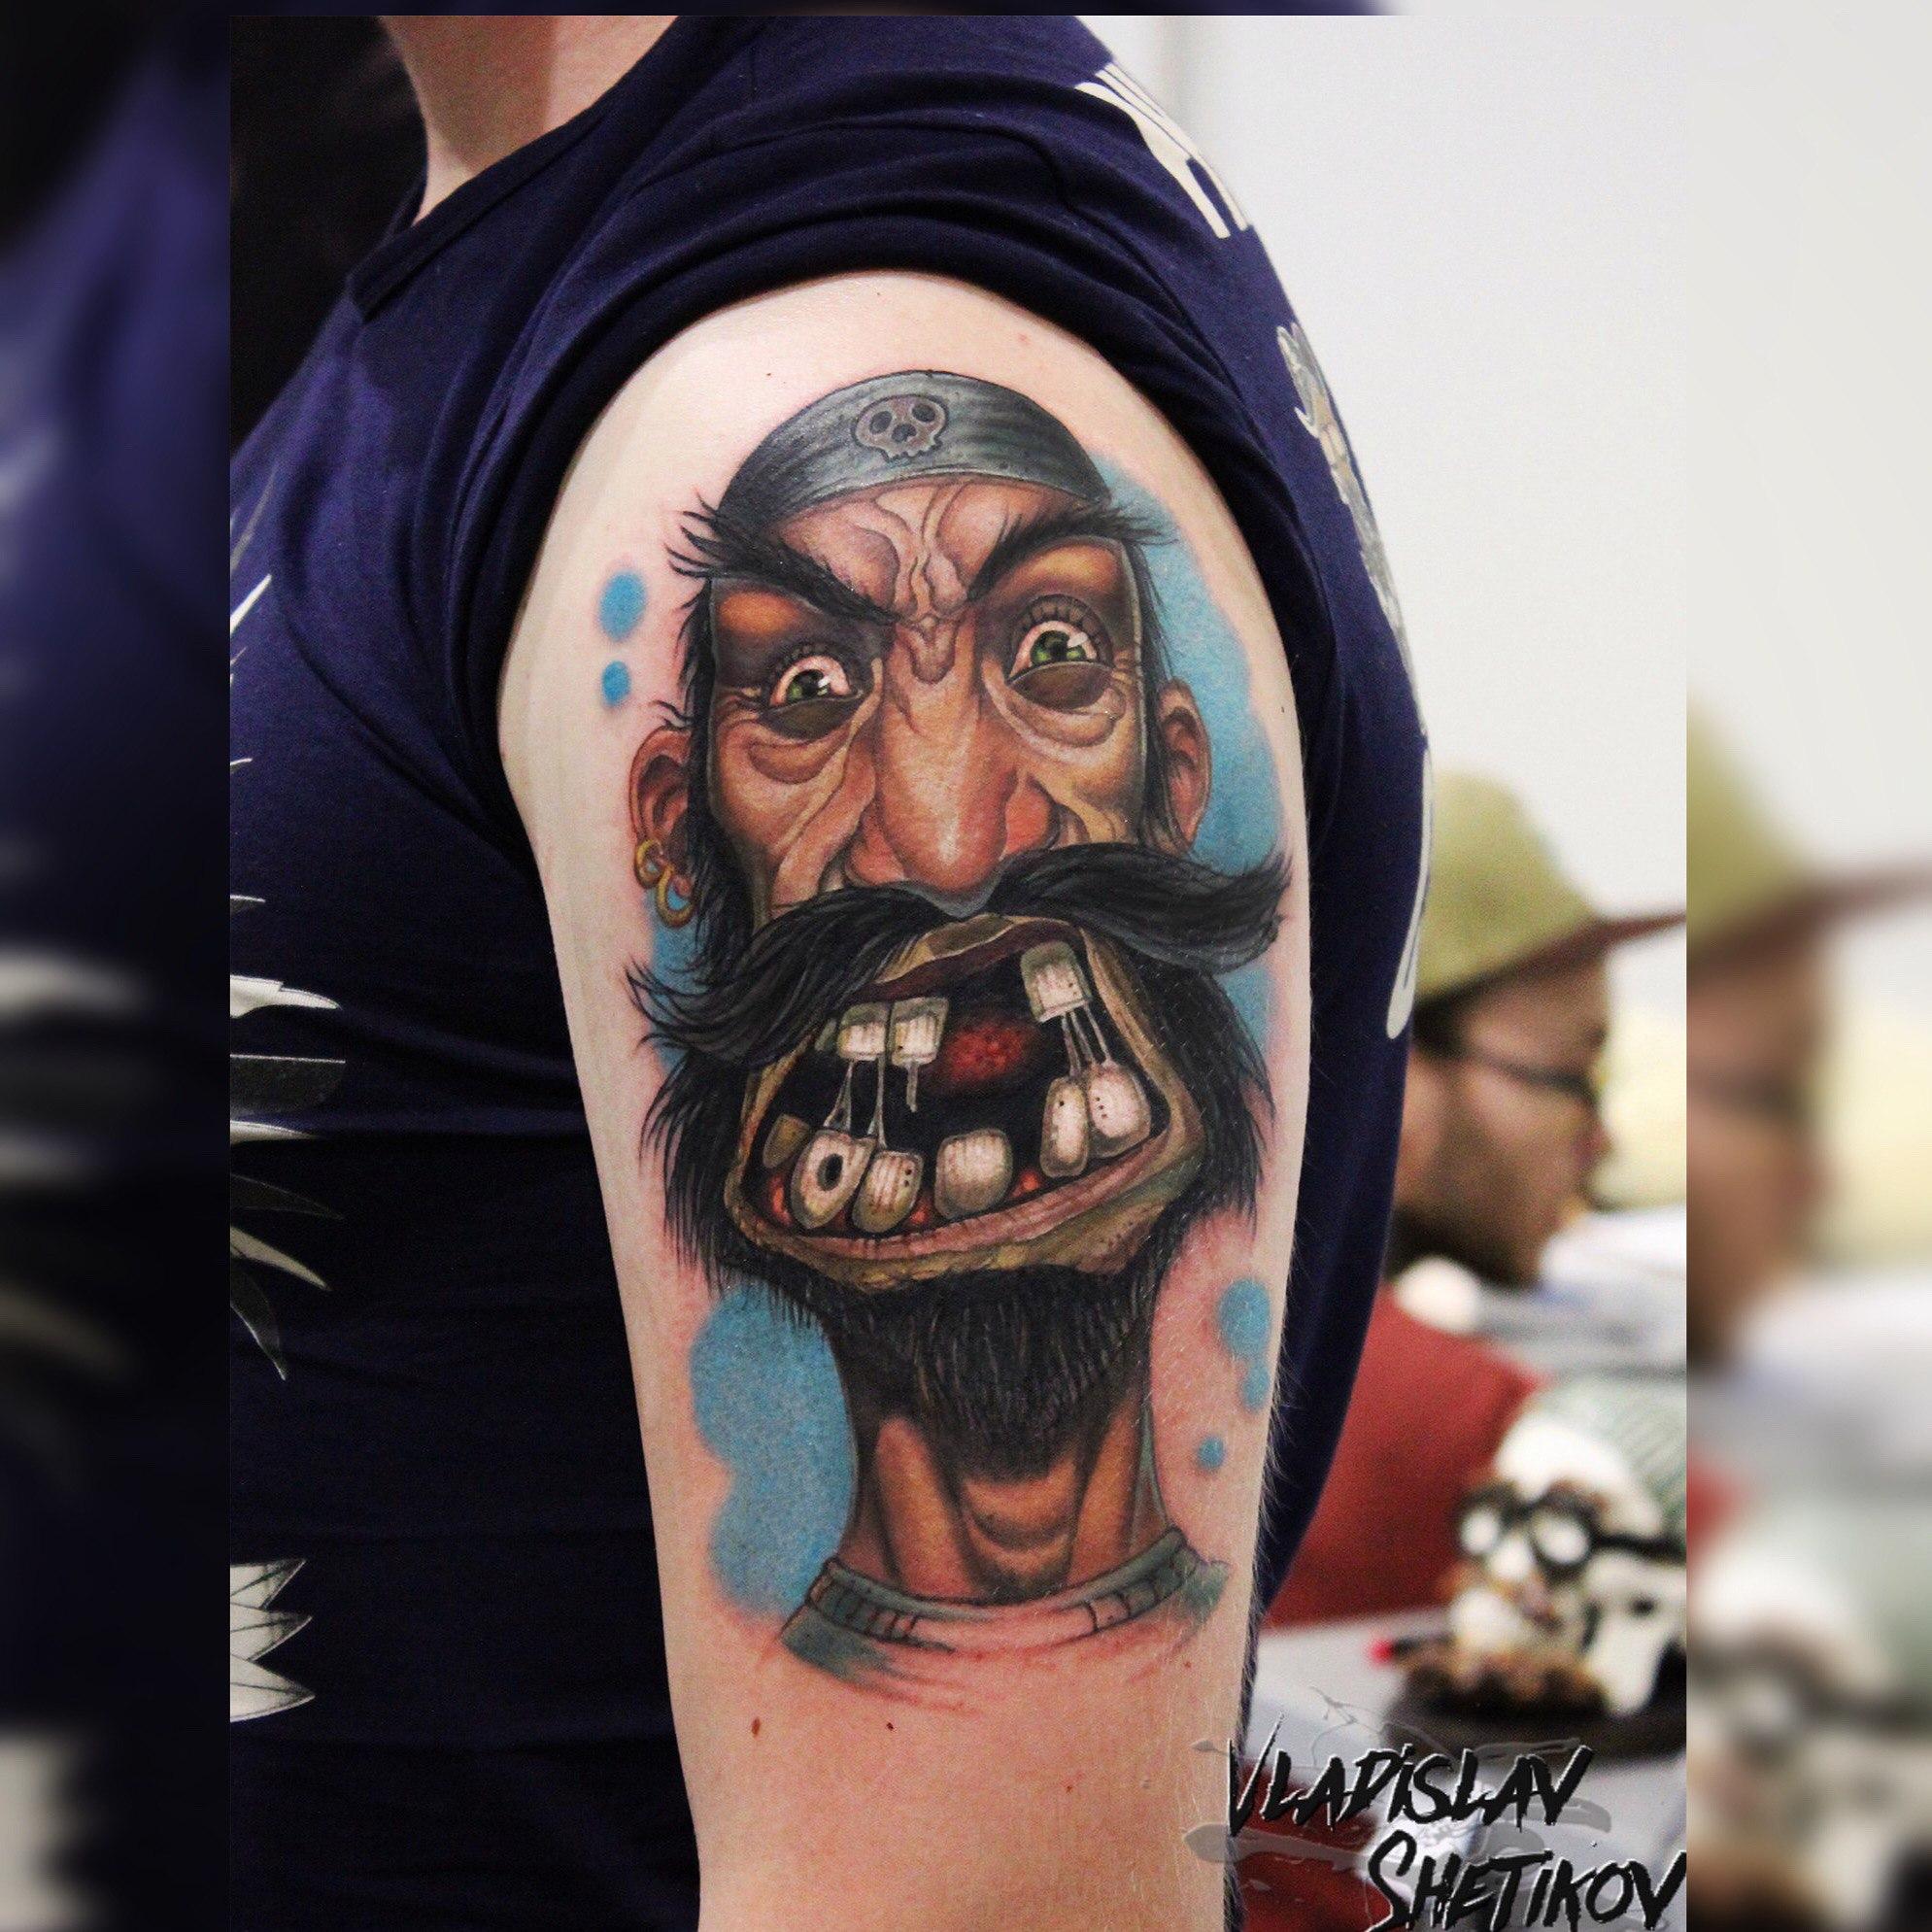 Tatuaggio pirata divertente cartone animato sulla spalla